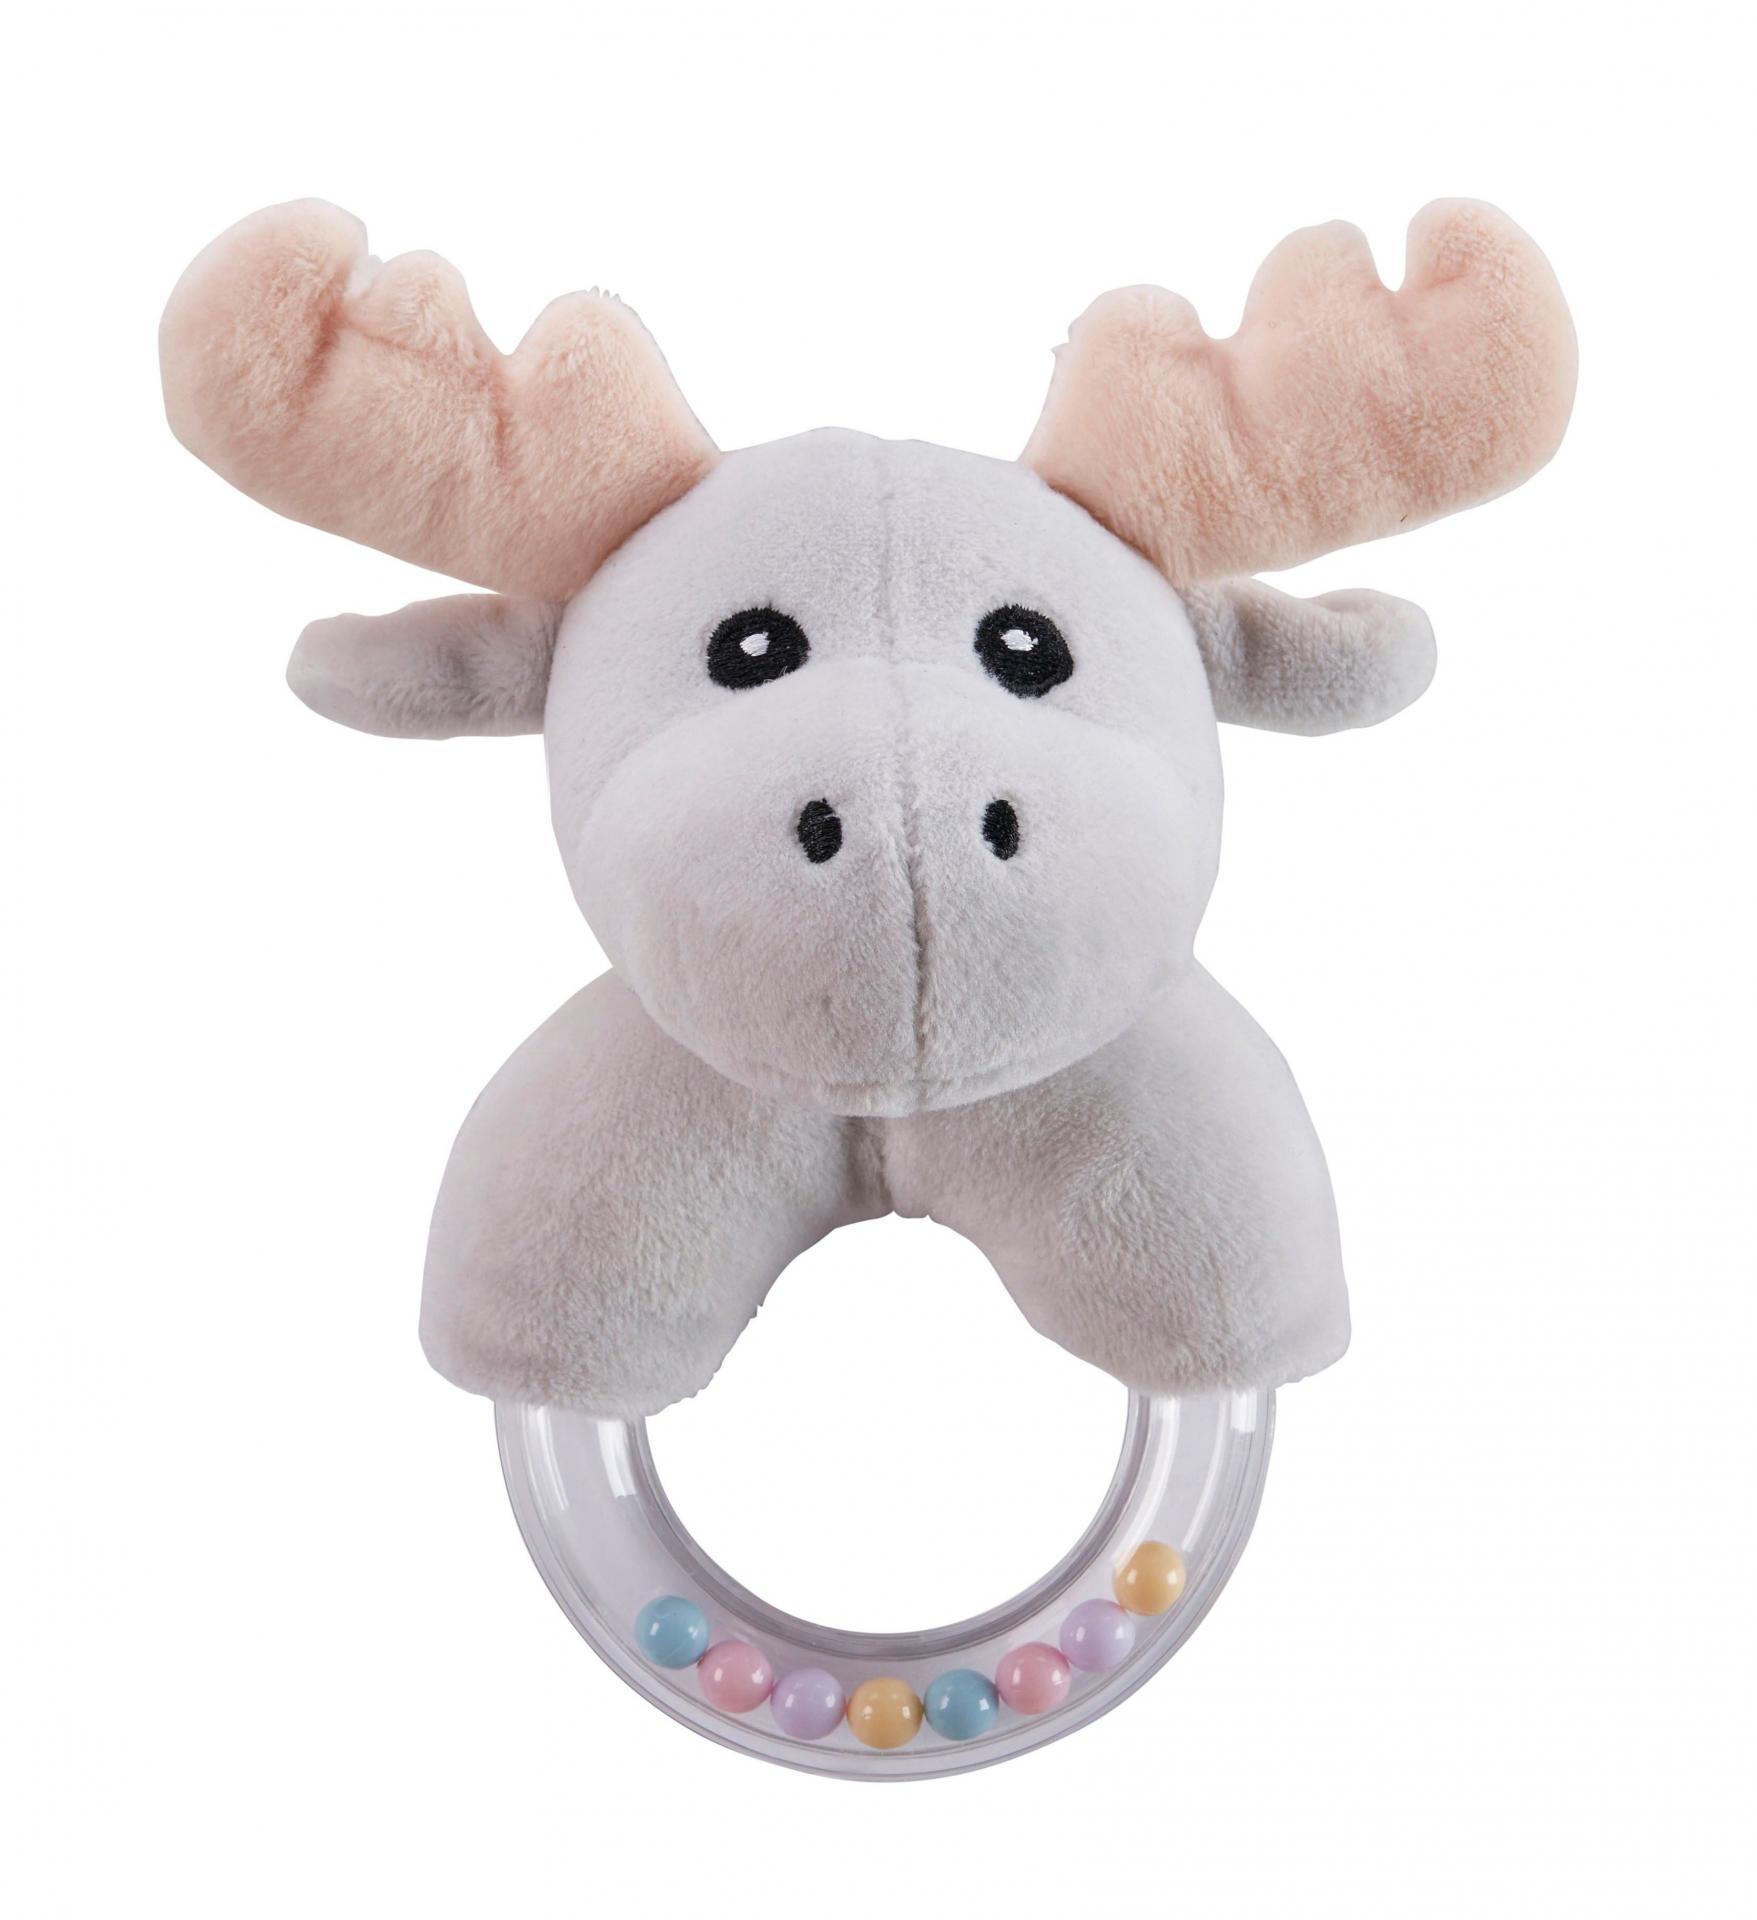 Kids Concept Dětské chrastítko s kousátkem Little Moose, šedá barva, multi barva, plast, textil